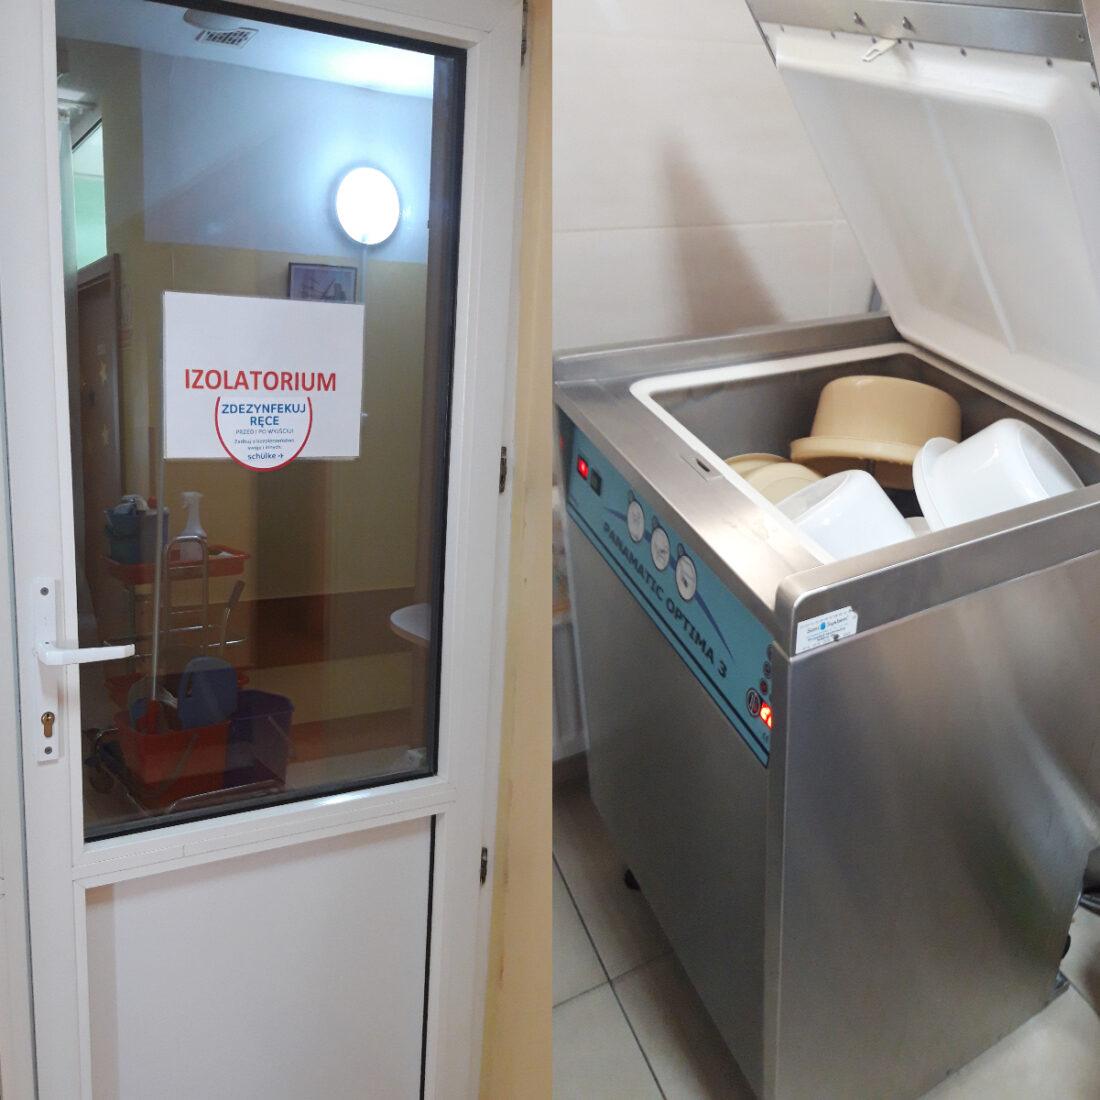 Zdjęcie: Strefa izolatorium, myjnie dezynfekcyjne w GOW Bosmańska 32A